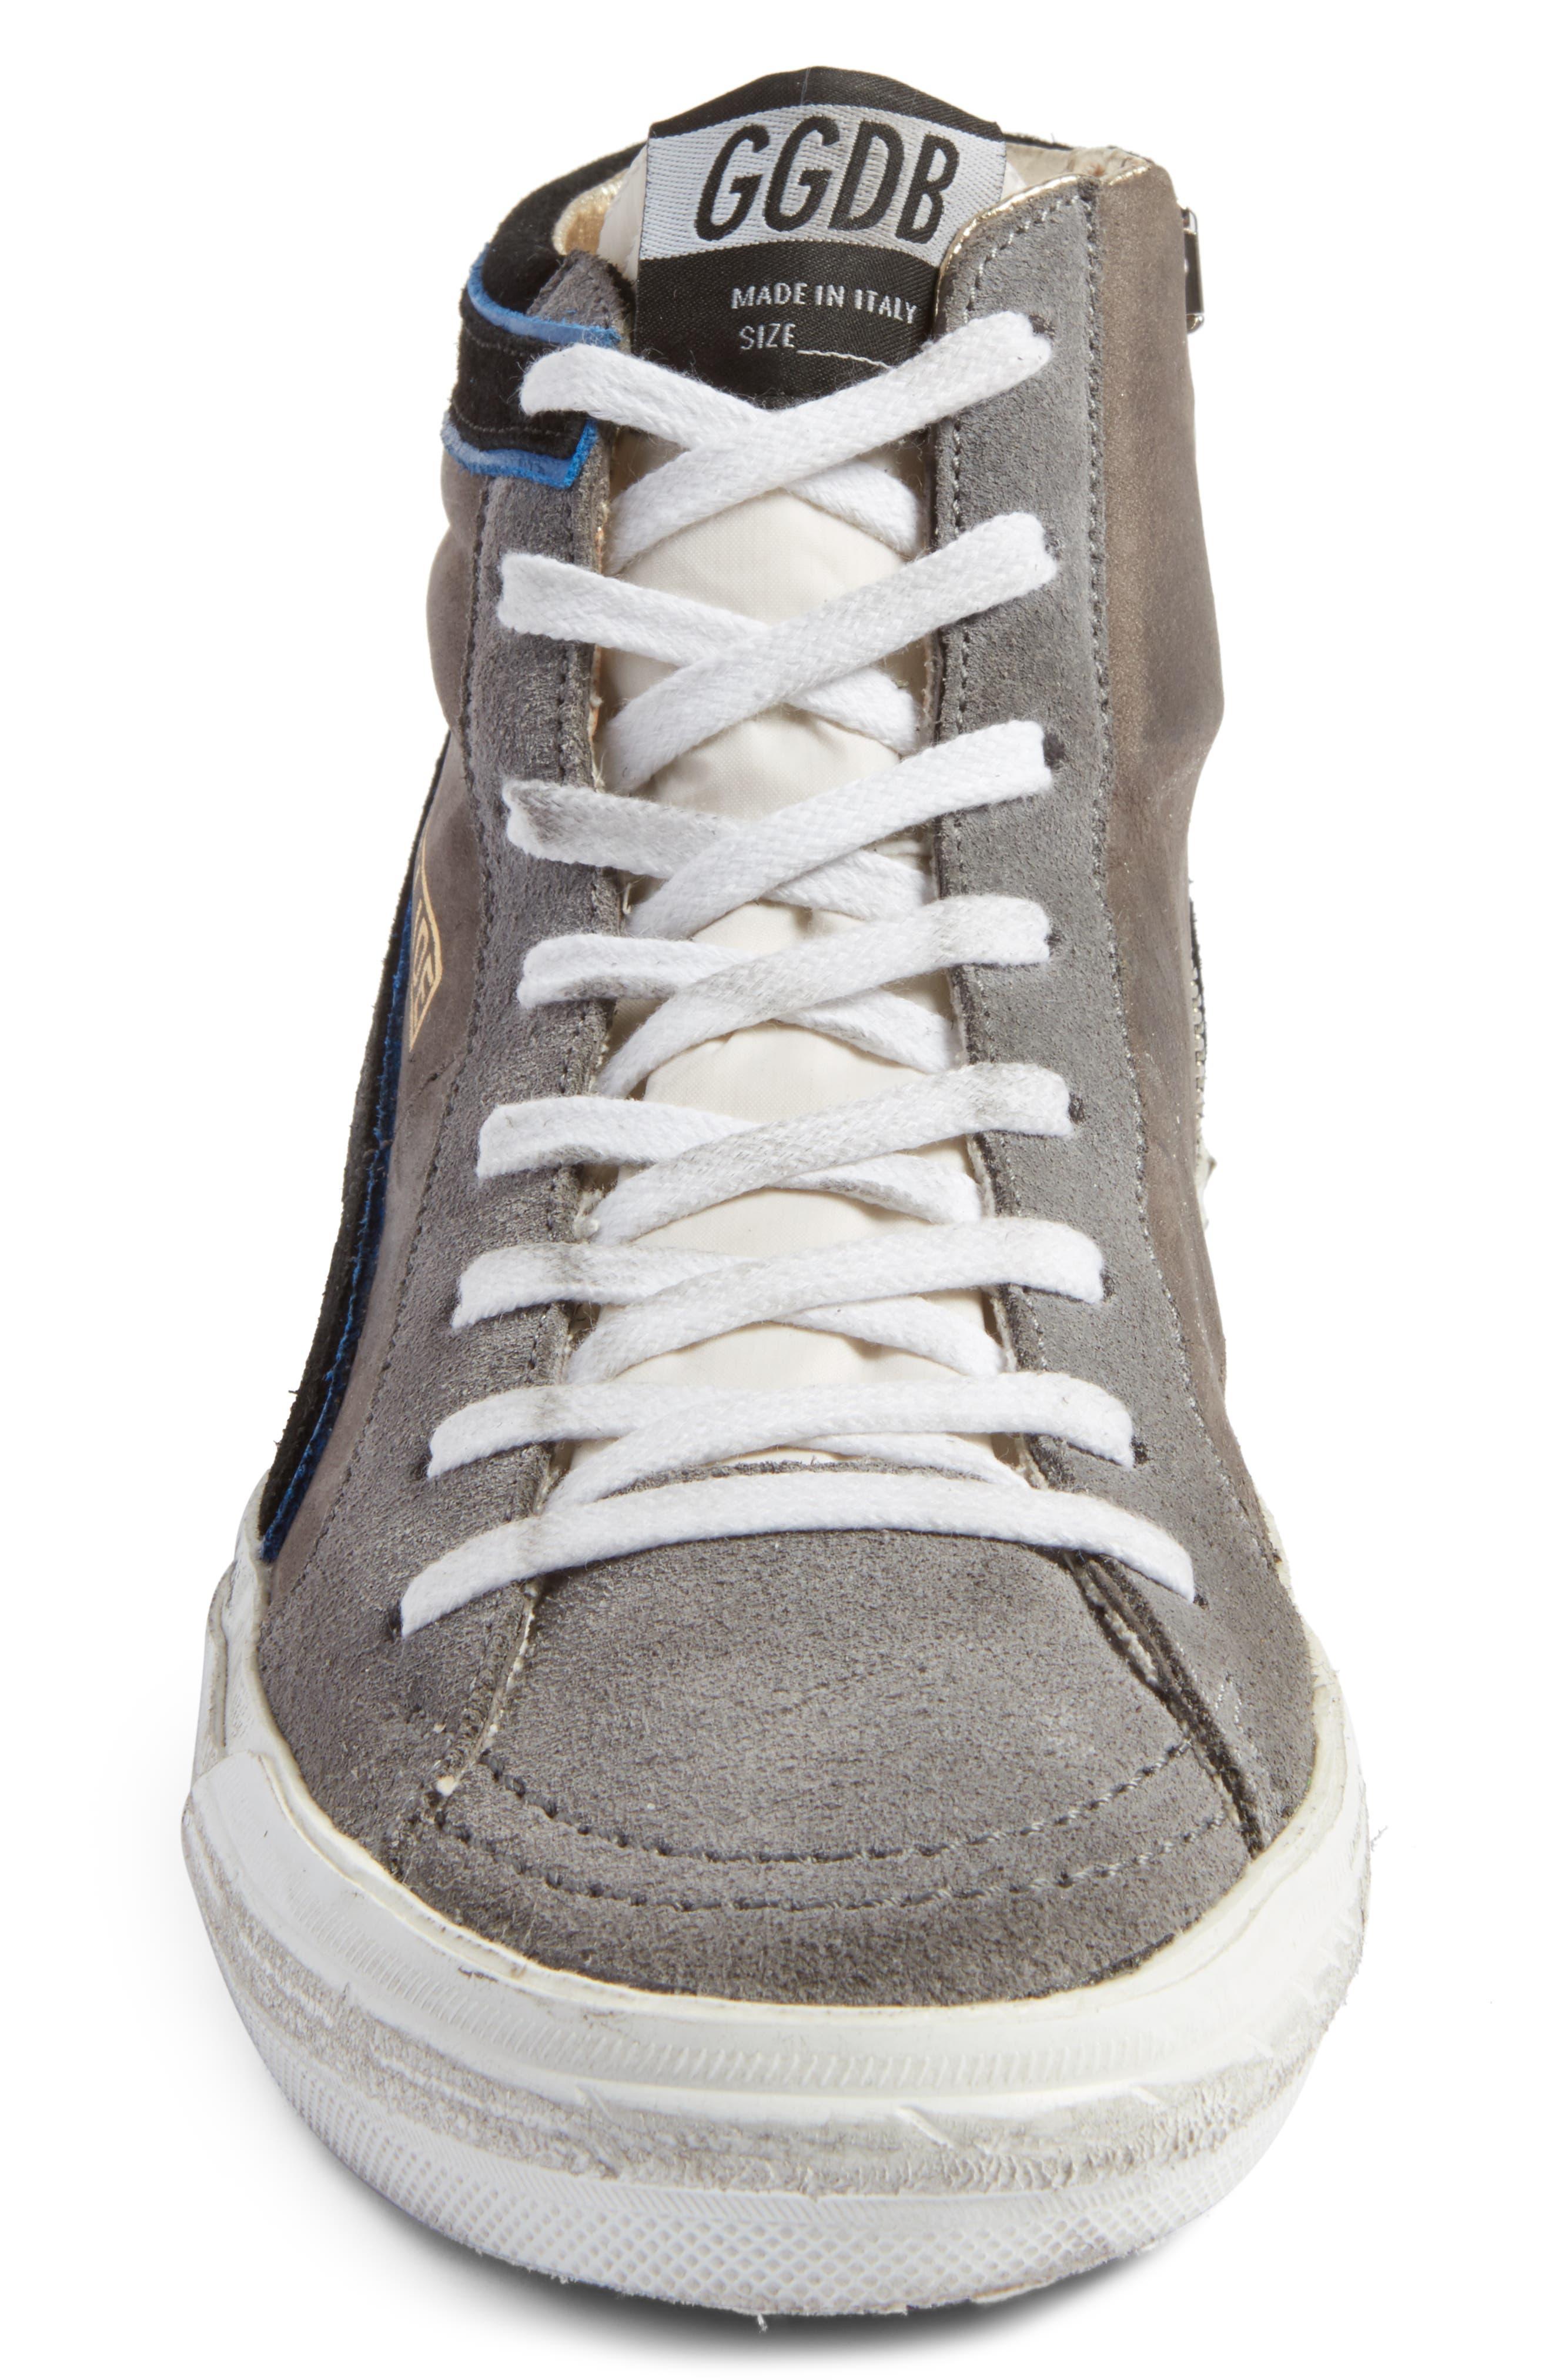 Slide High Top Sneaker,                             Alternate thumbnail 4, color,                             021